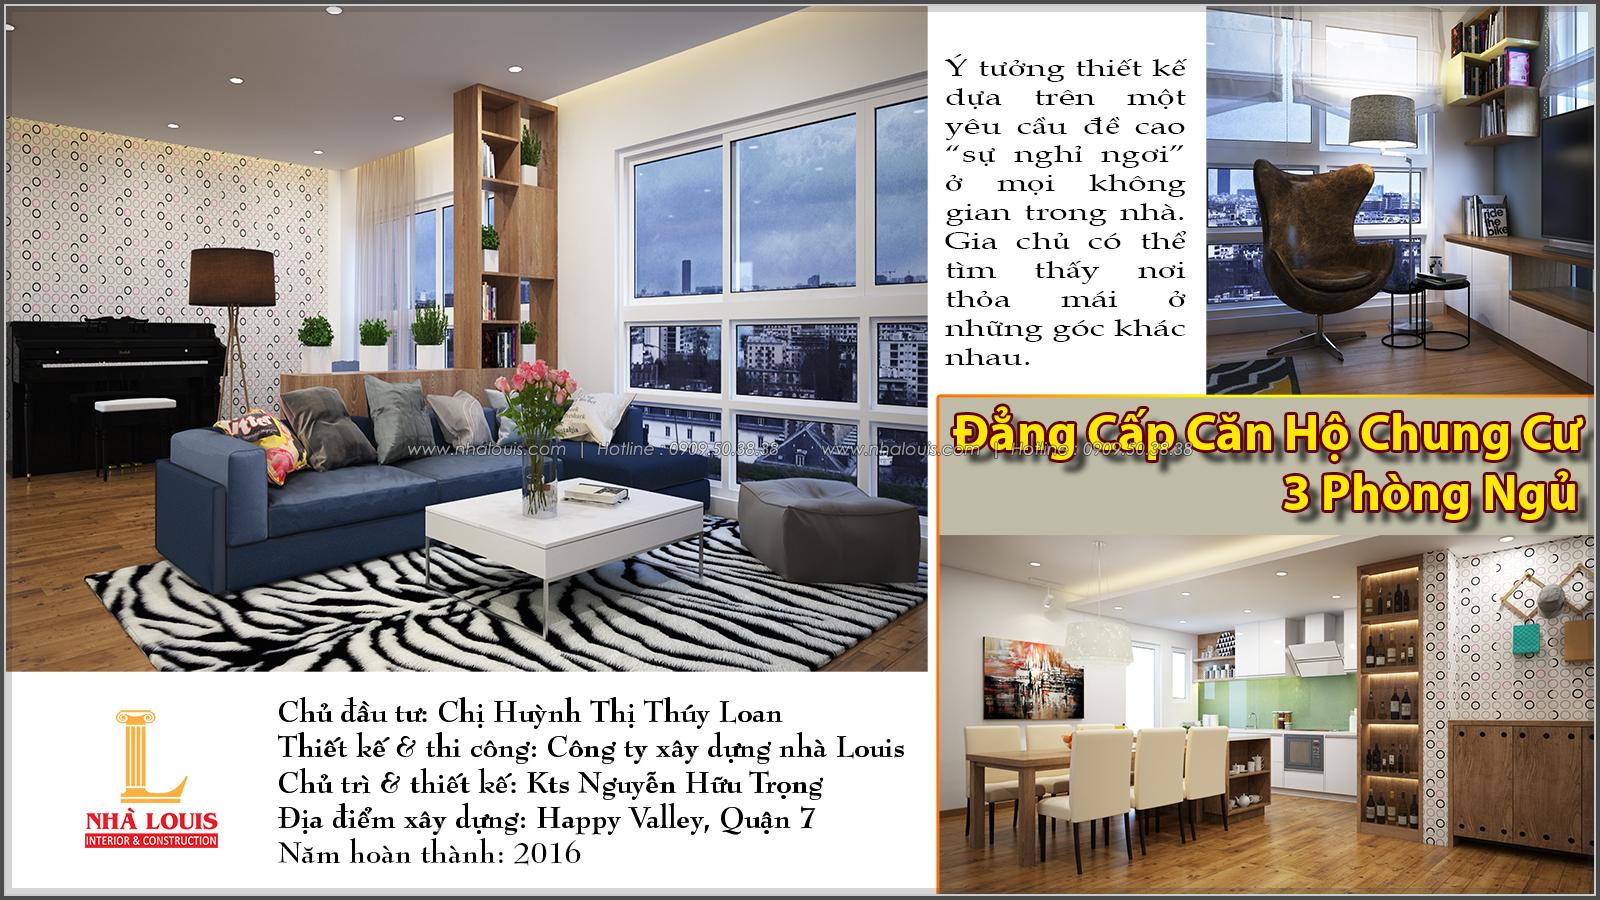 Thiết kế căn hộ chung cư 3 phòng ngủ Happy Valley quận 7 - 1